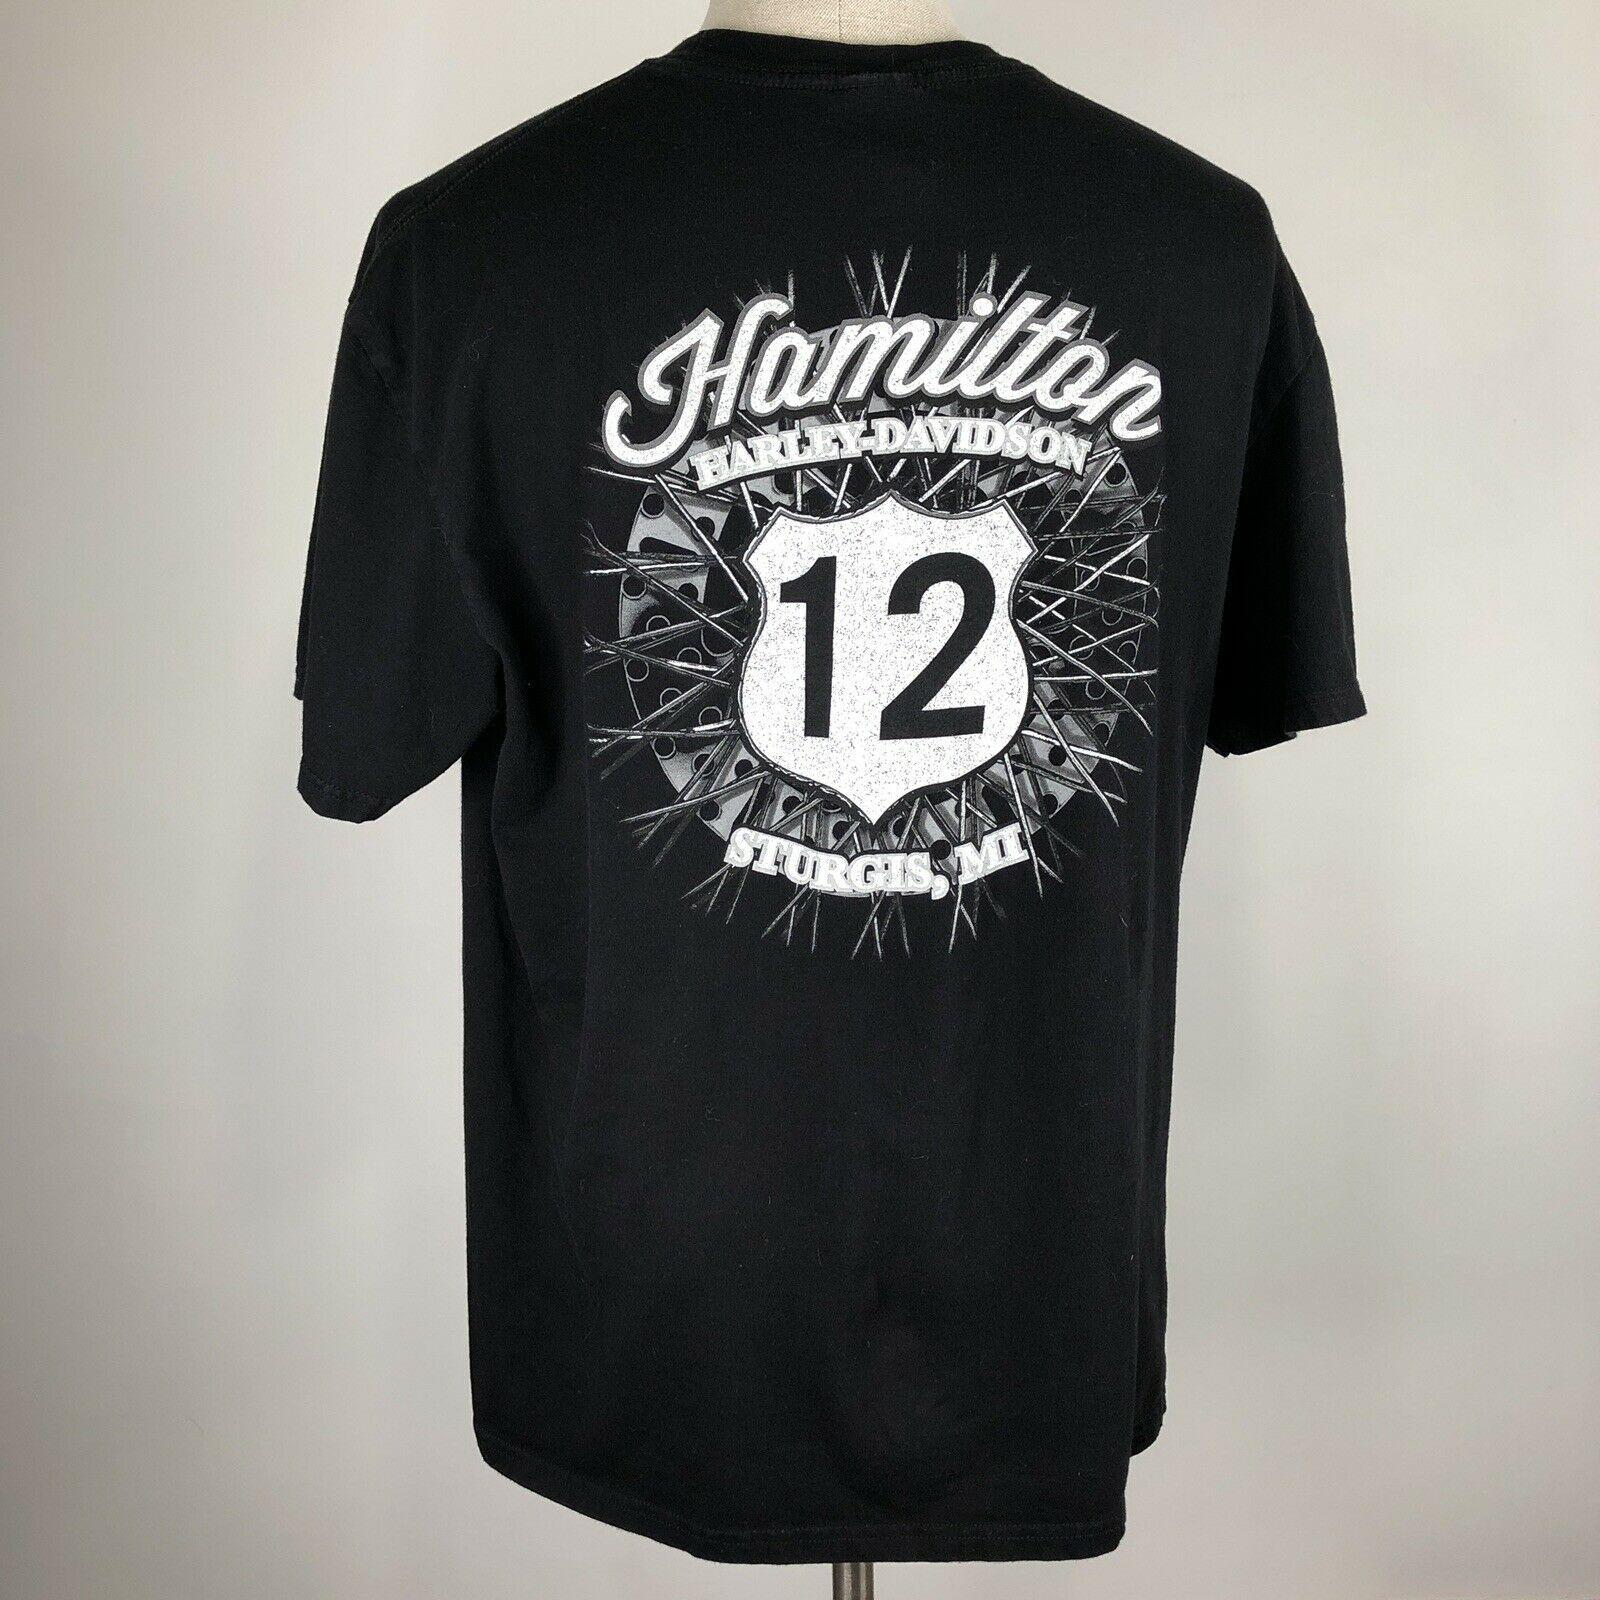 Harley Davidson T Shirt Skeleton Clown Size XL Sturgis MI Black Motorcycle image 6